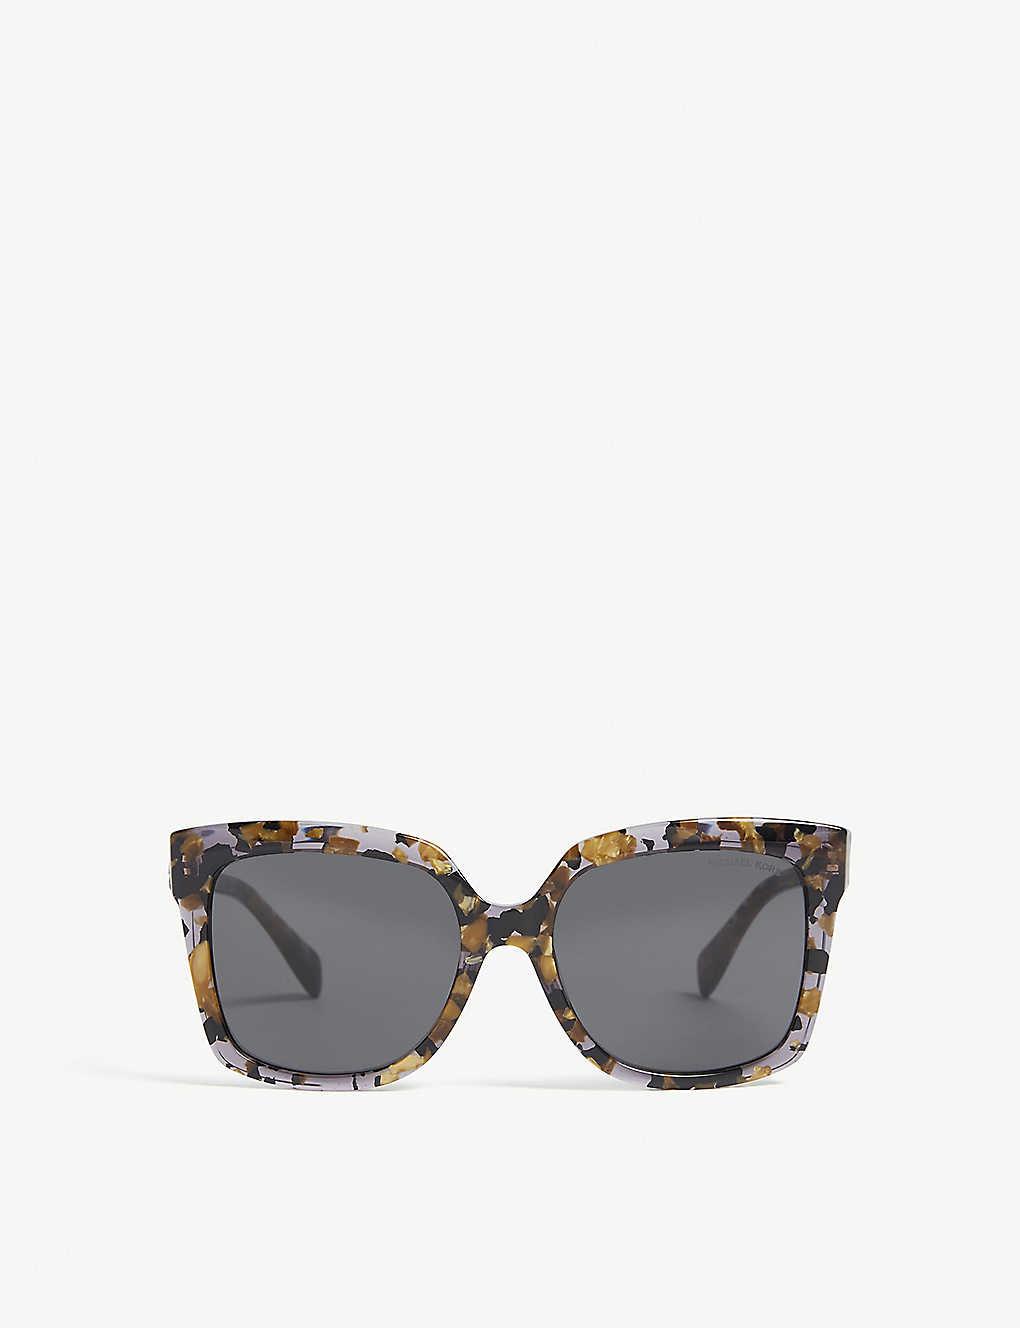 05a10e6d3d5e4 MK2082 Cortina square-frame sunglasses - Blackgold tort ...